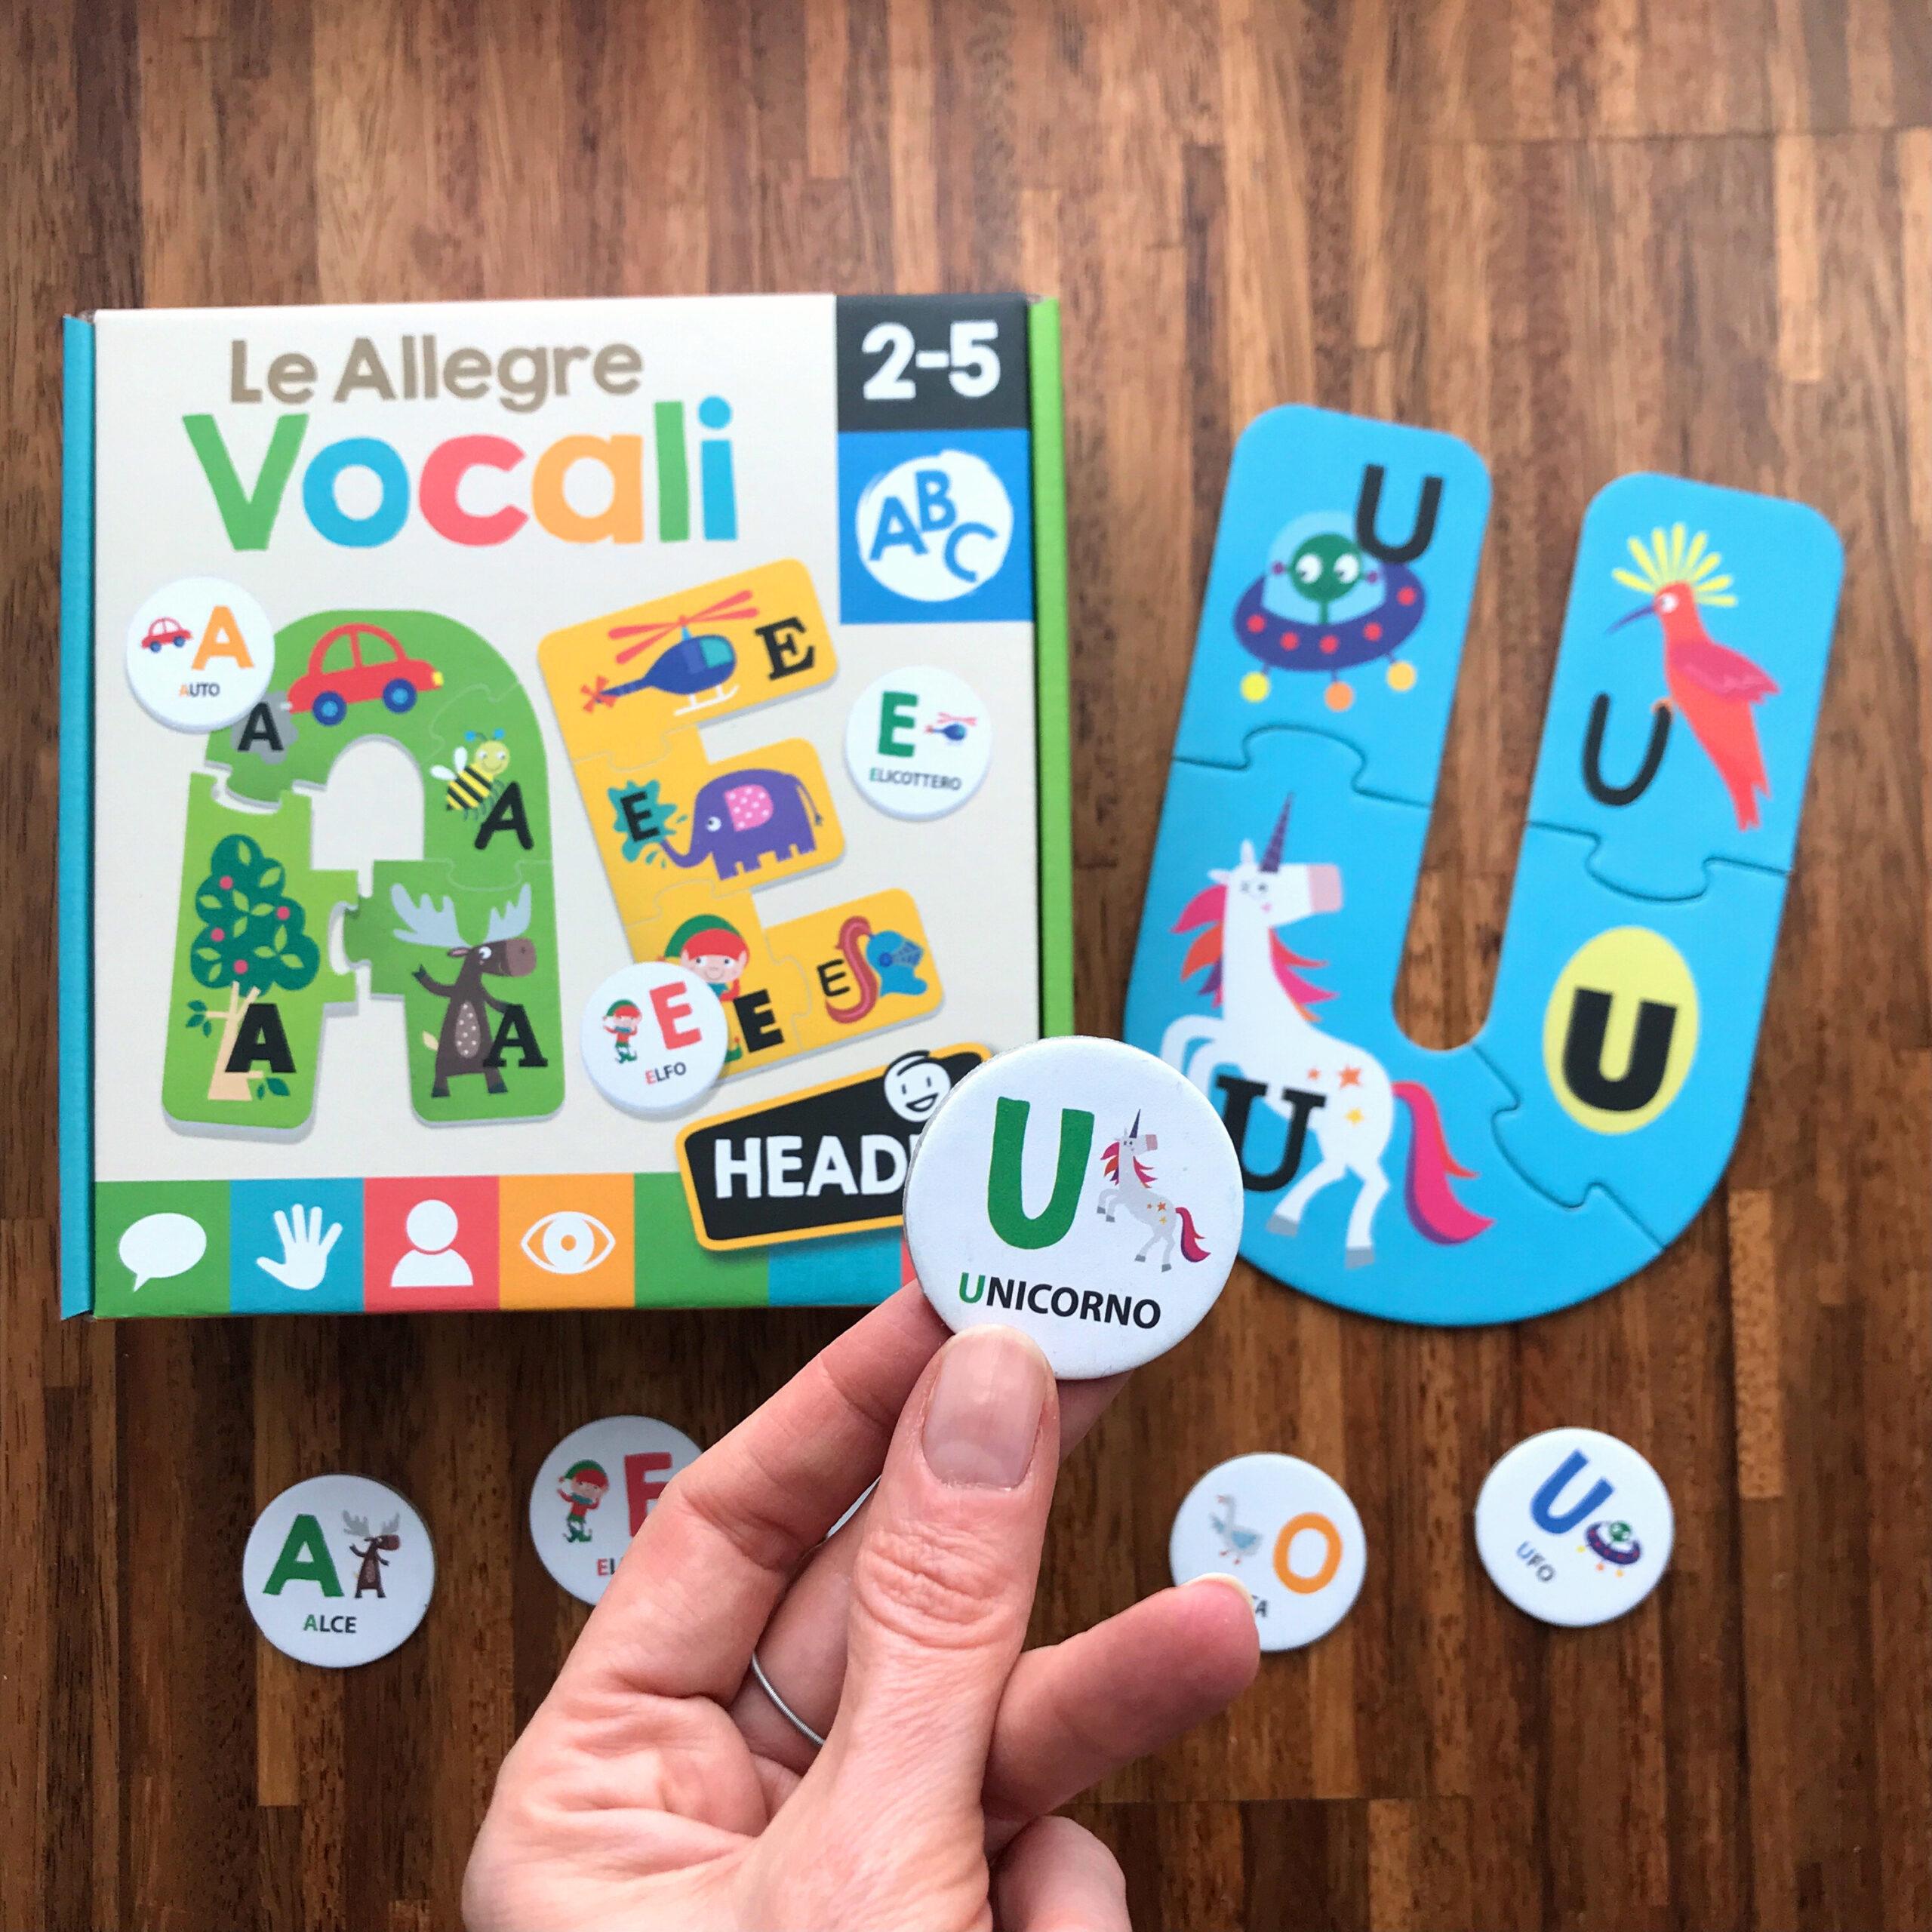 Headu allegre vocali gioco bambini utilità istruzioni